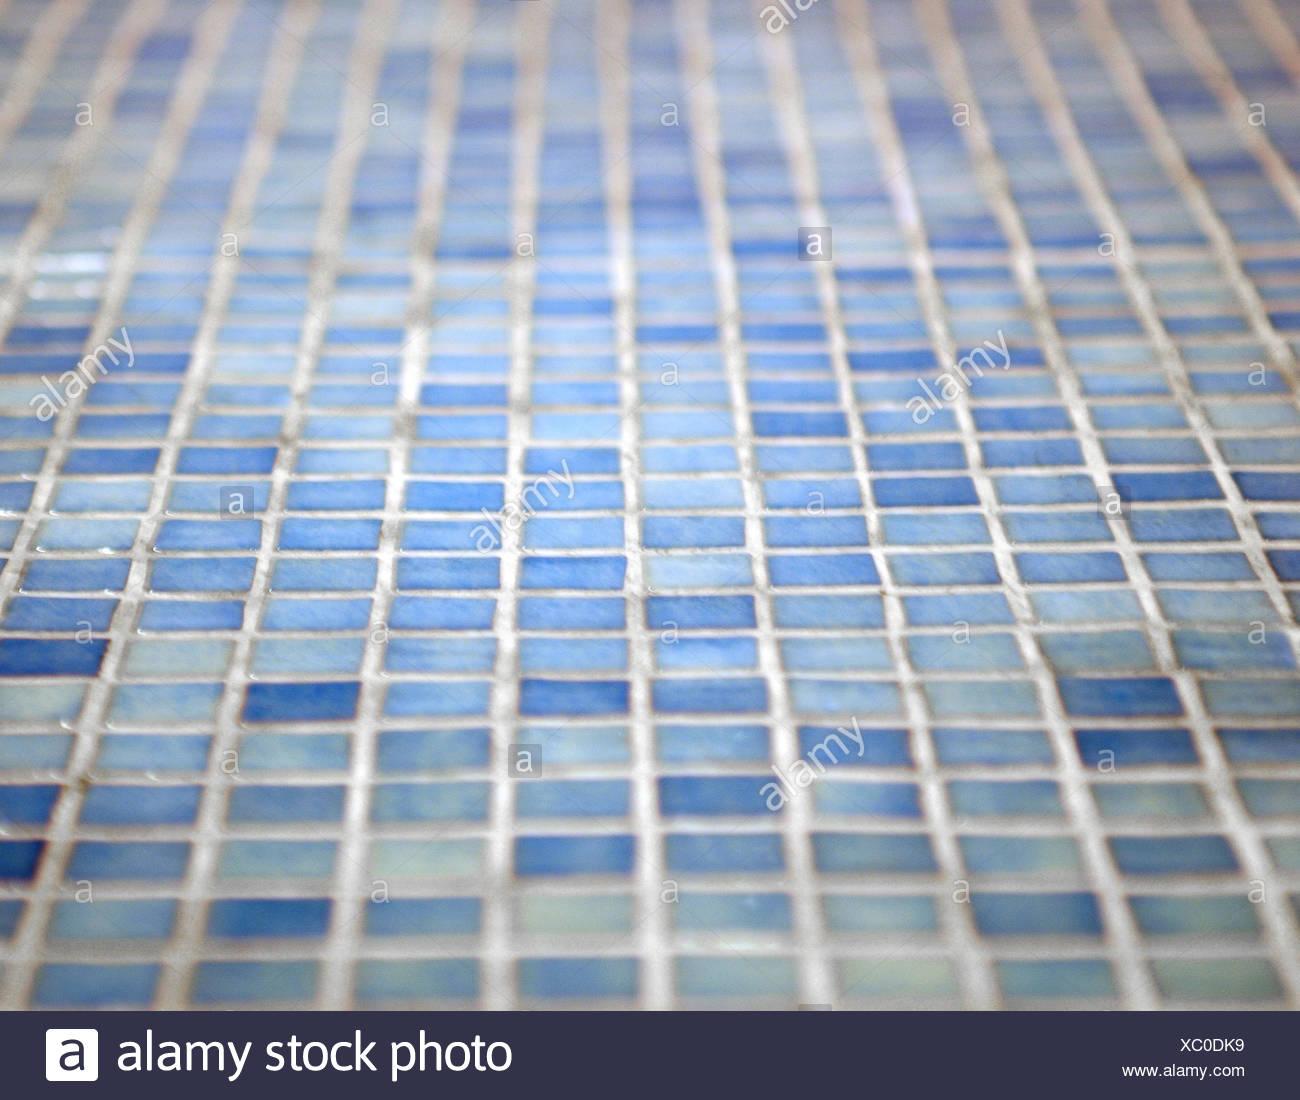 Carrelage Salle De Bain Bleu Turquoise sol de mosaïque, bleu, marbre, mosaïque, carrelage, mosaïque